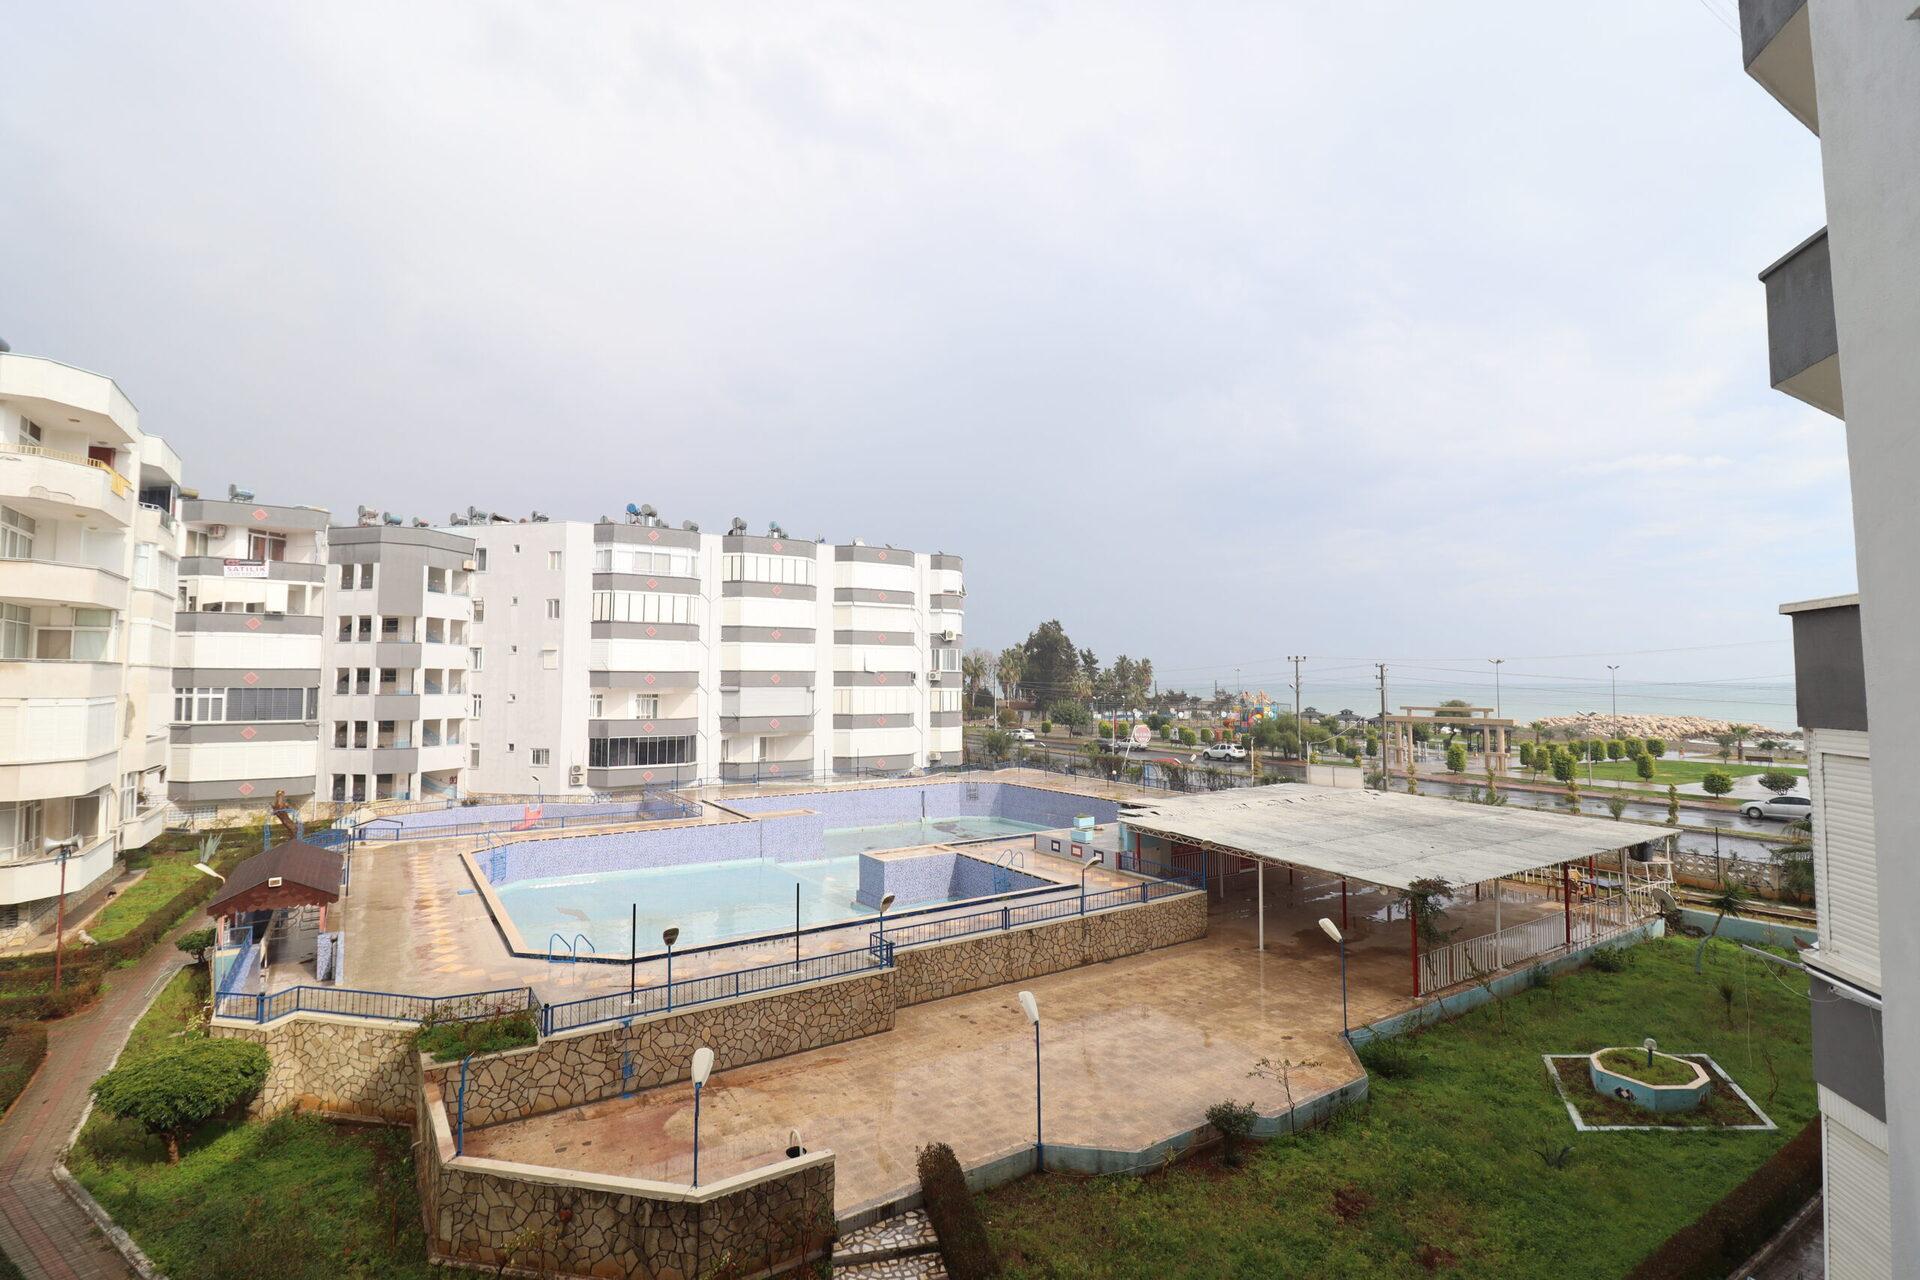 Mersin Erdemli Güzeldağ Havuzlu Sitede Satılık 2+1 Eşyalı Daire